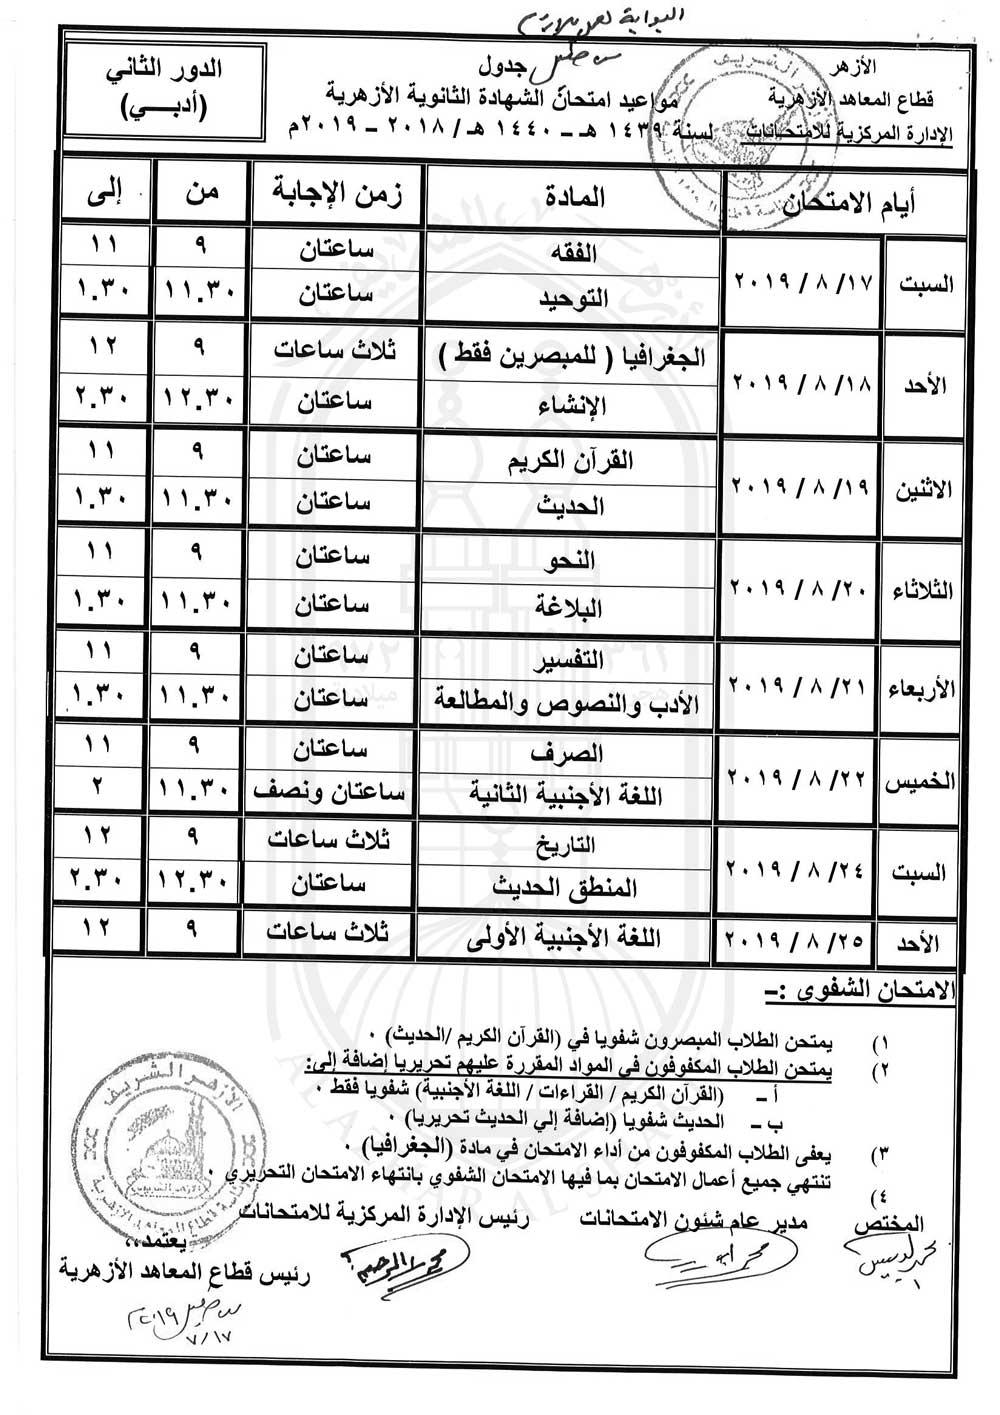 ثانوية-ادبى-دور-ثان-2019_3